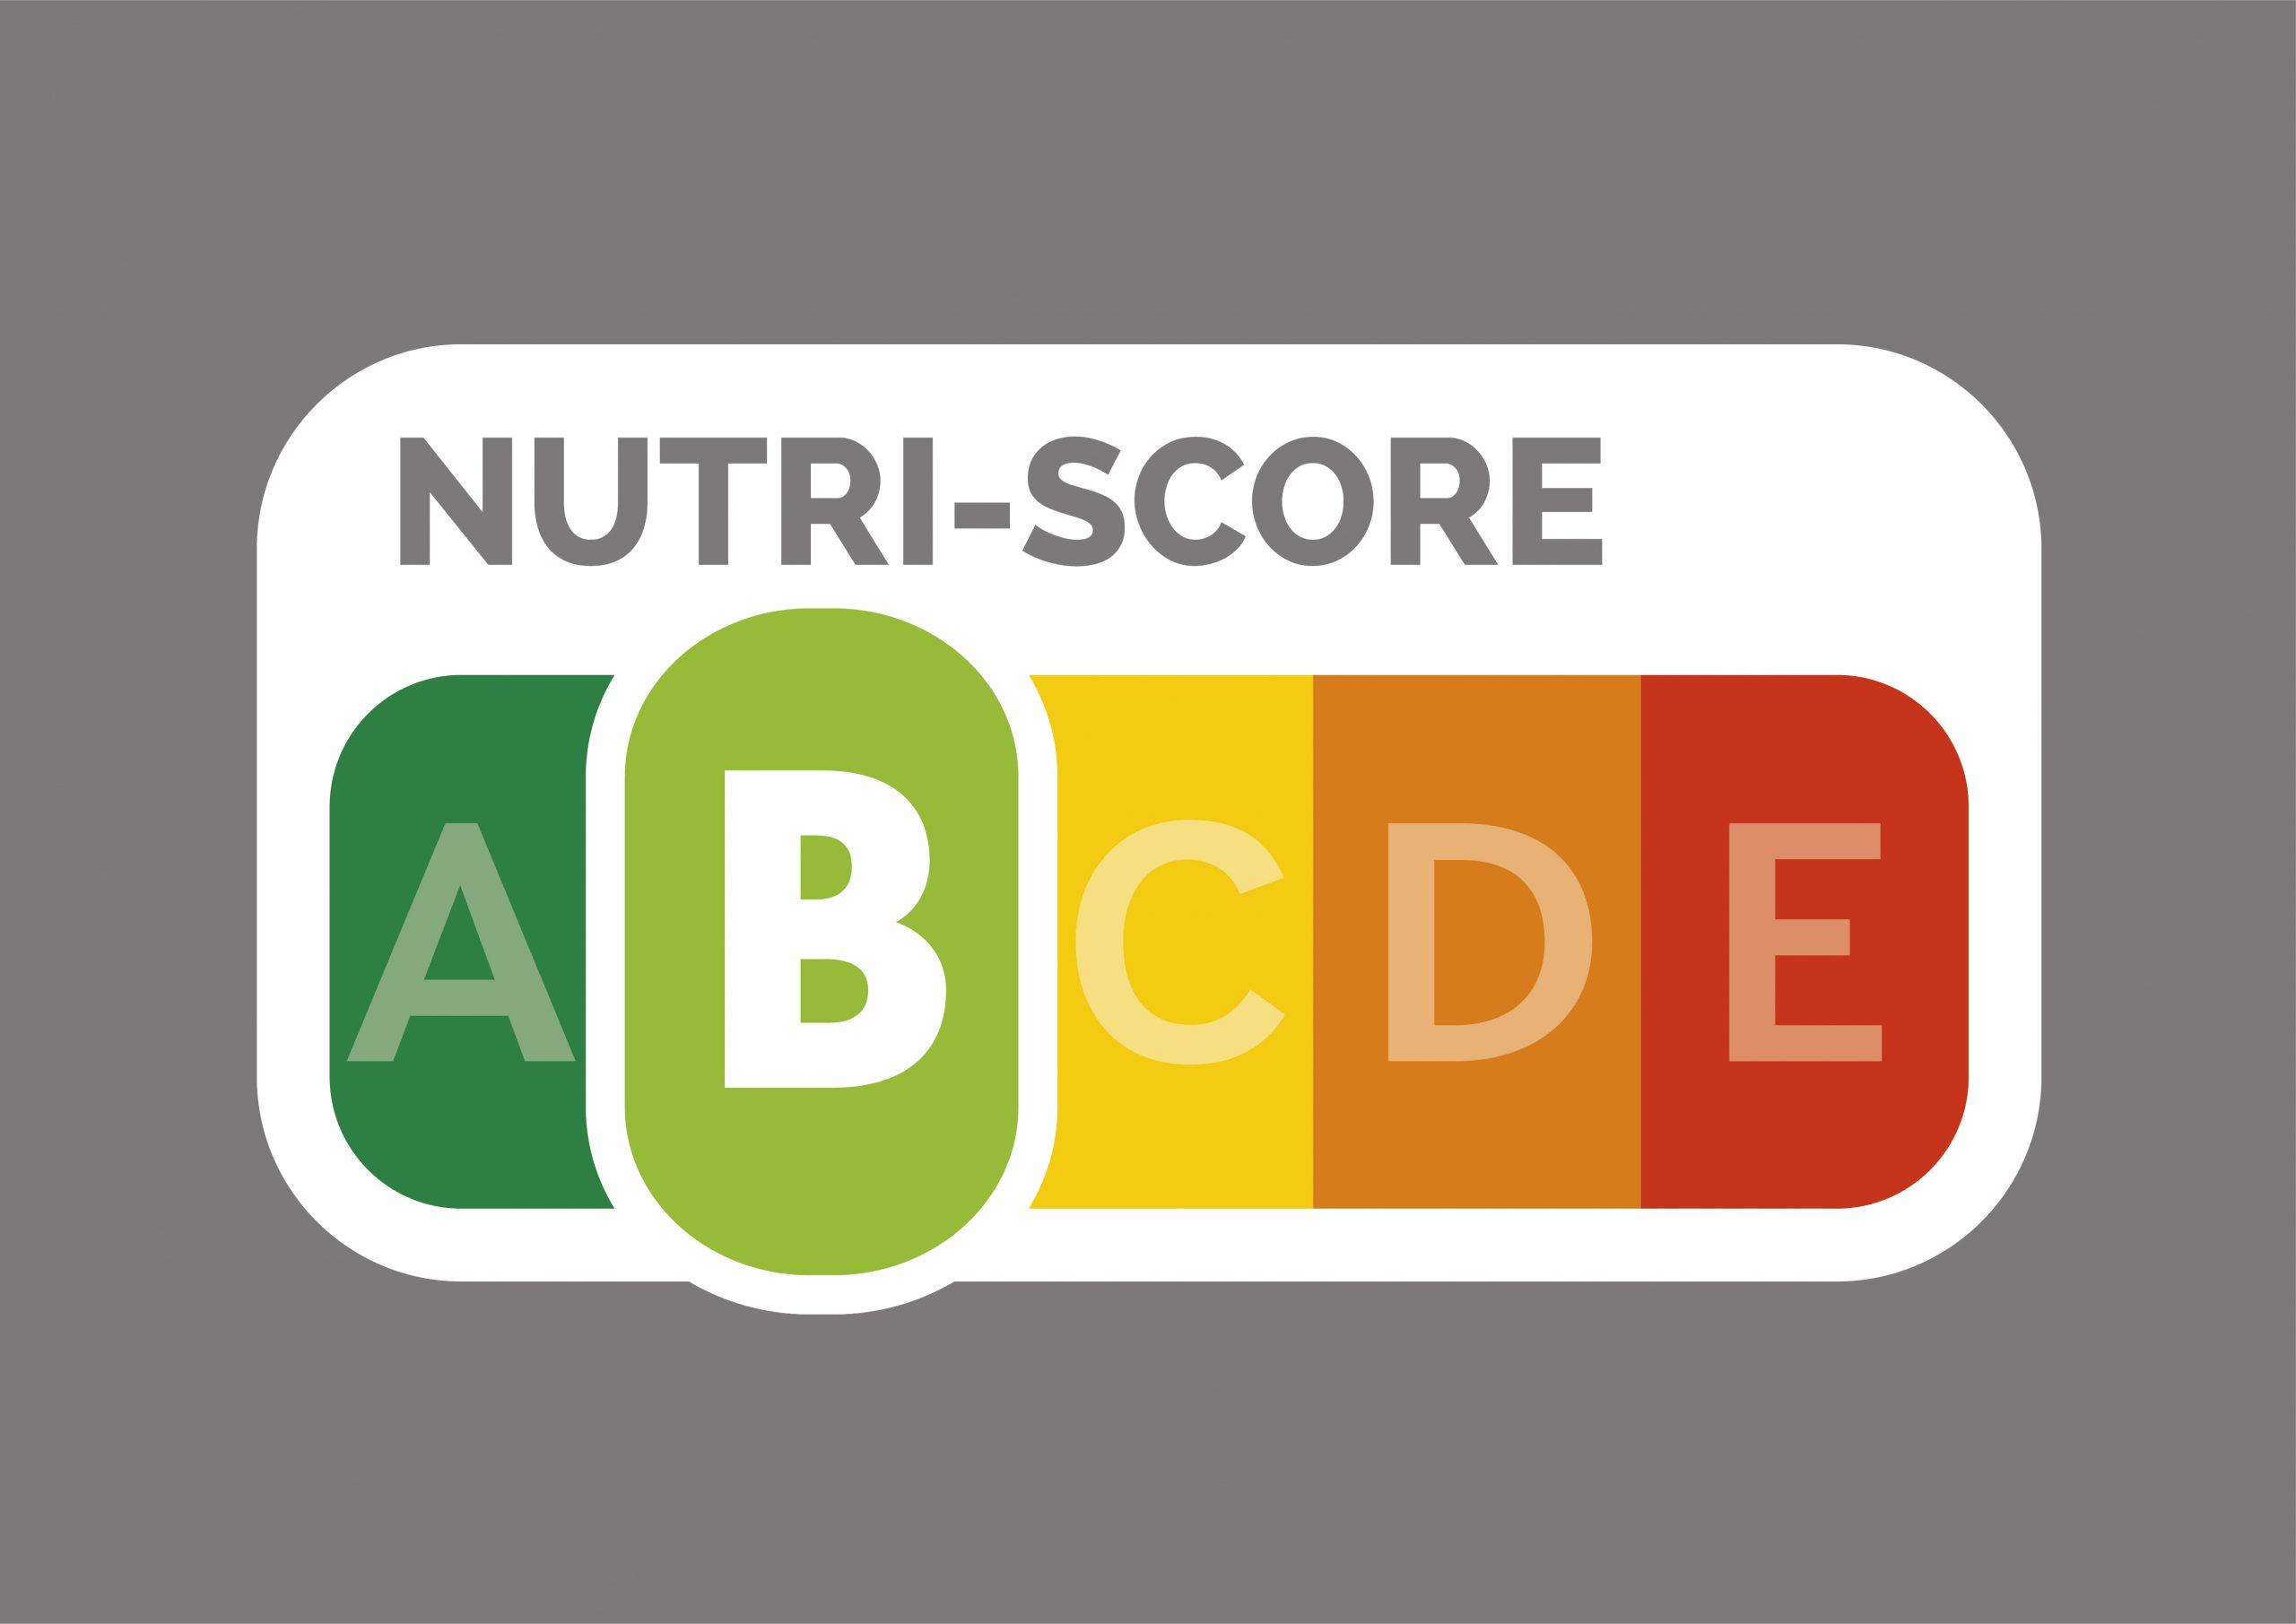 Nutri Score Erklärung & Tabelle